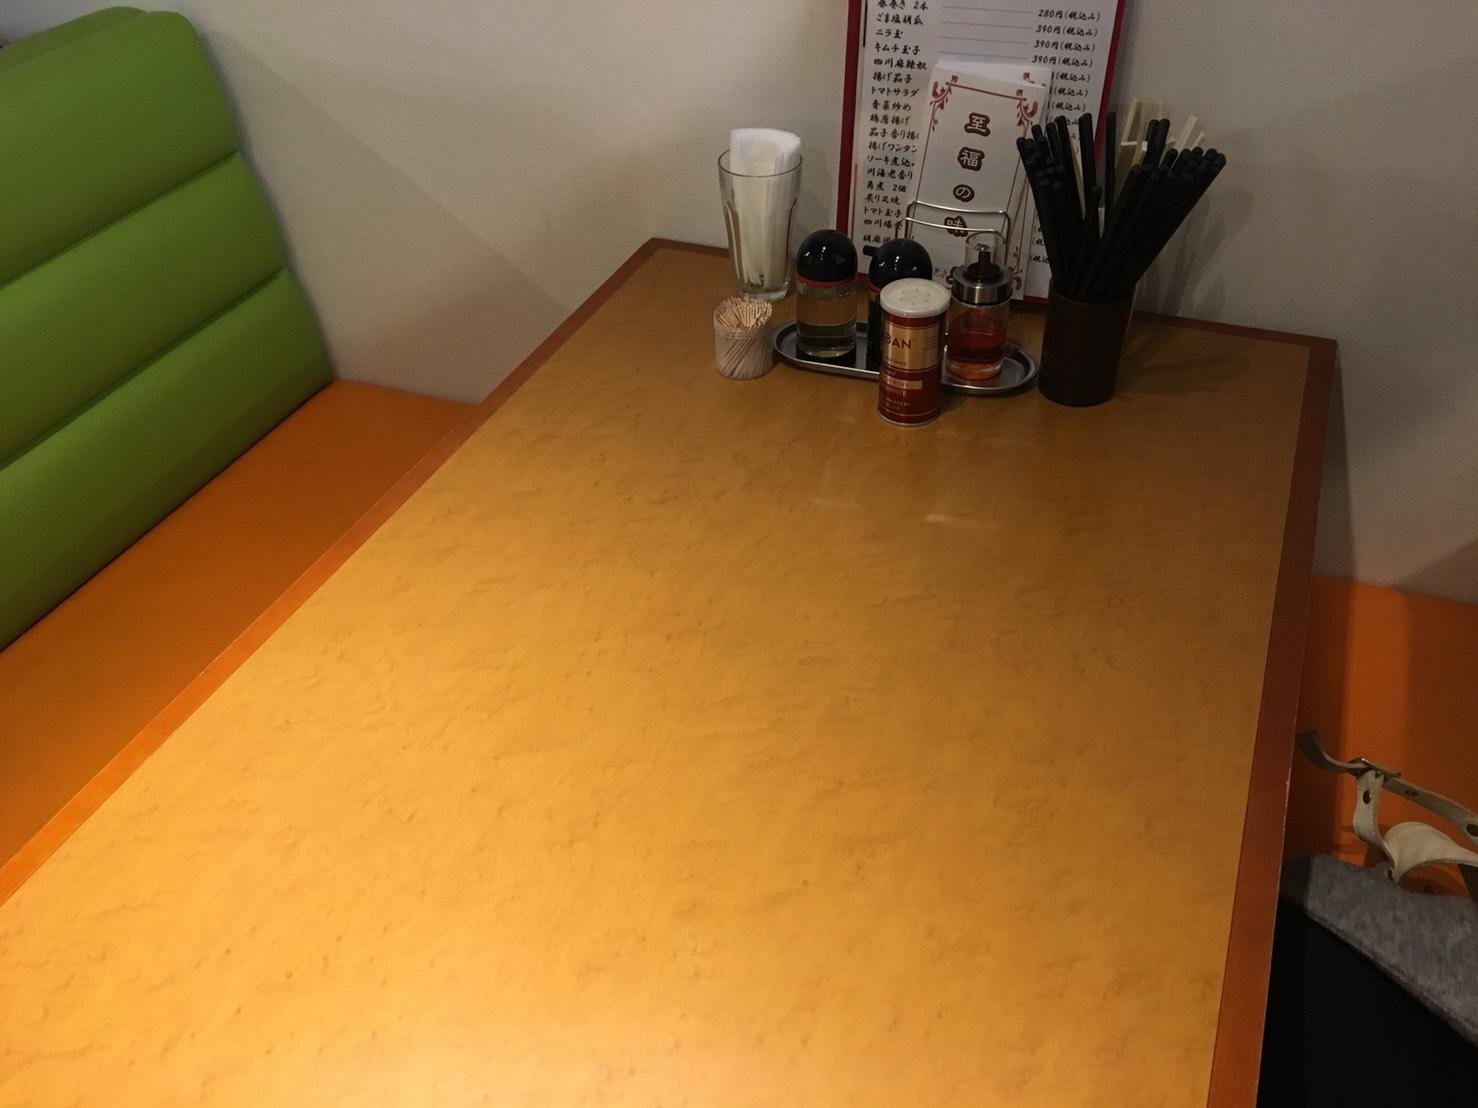 【大塚駅】チャーハン美味〜!やさしい中華のニューフェイス。大塚の「車 大塚本店」のテーブル